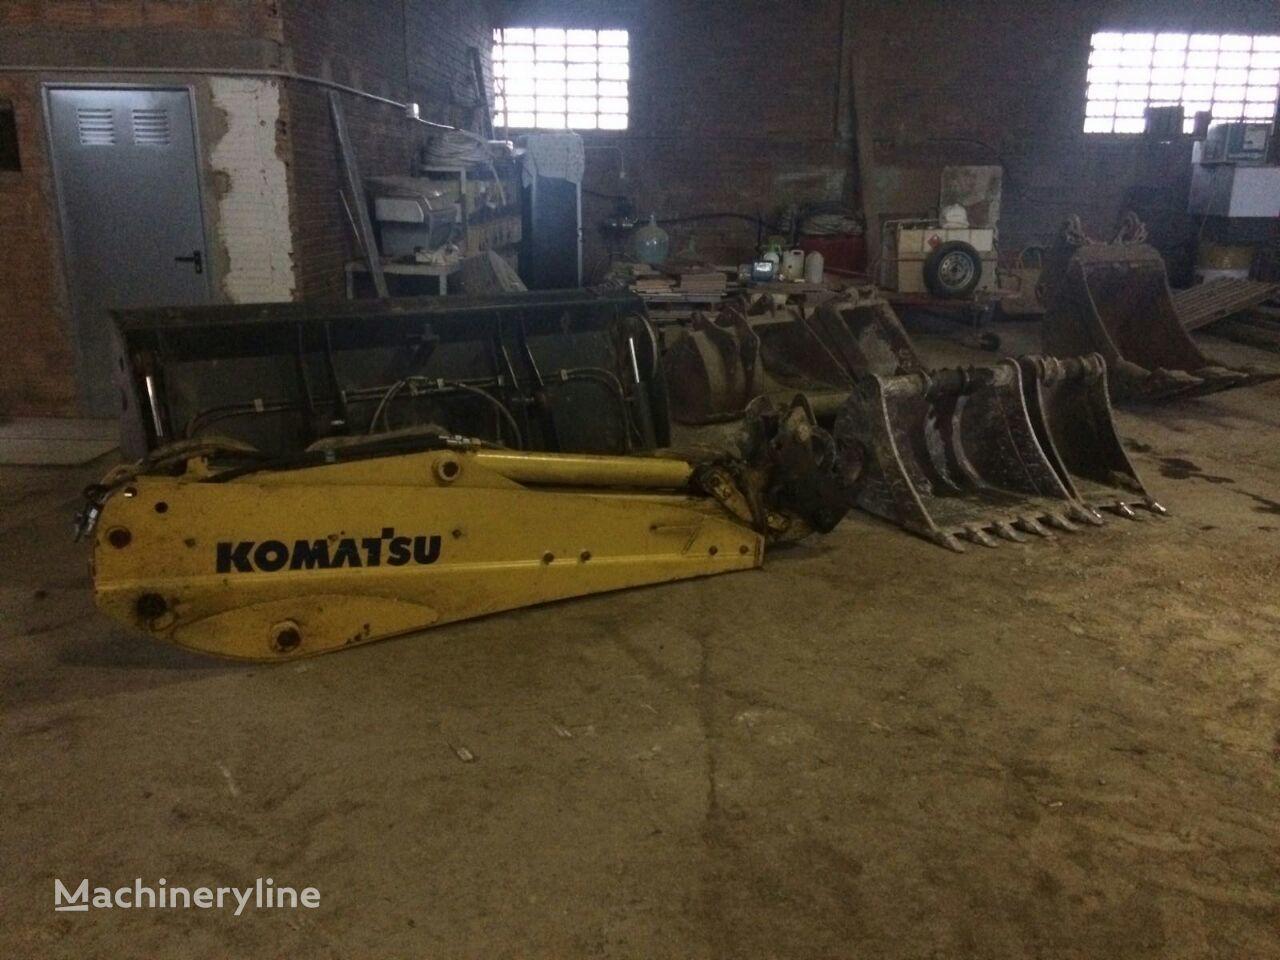 KOMATSU WB93 ekskavatora kauss pēc avārijas